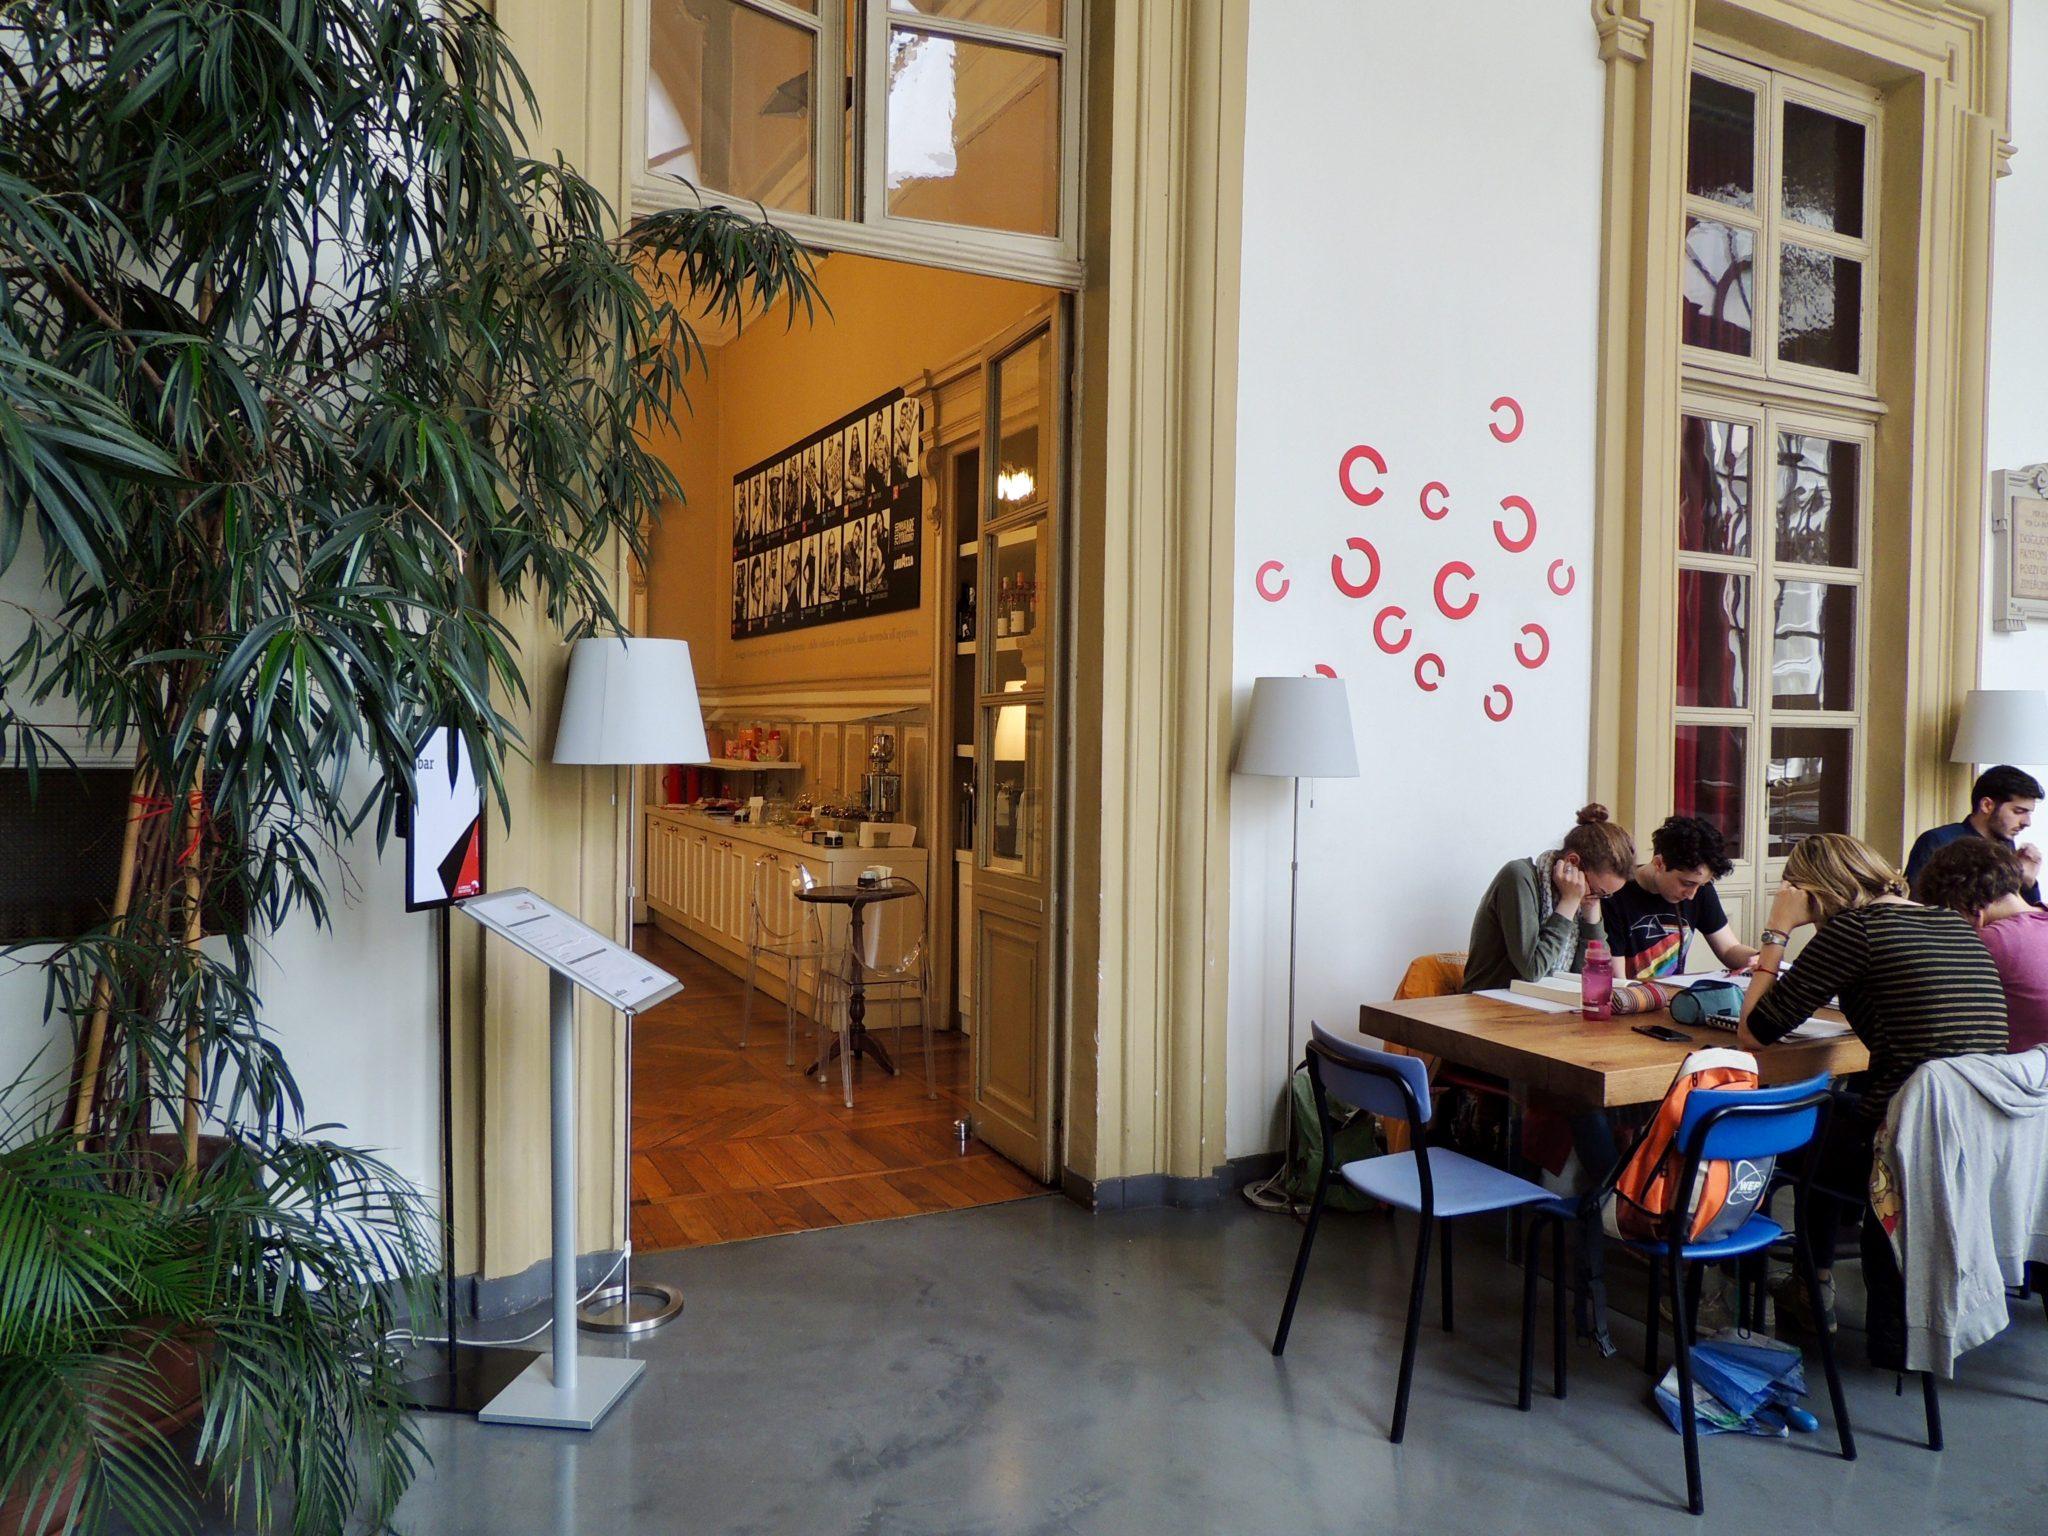 Il Salone del Libro, Torino che legge, Portici di Carta, sono tre degli eventi dedicati alla lettura. Il racconto di un giro in questa città-libreria